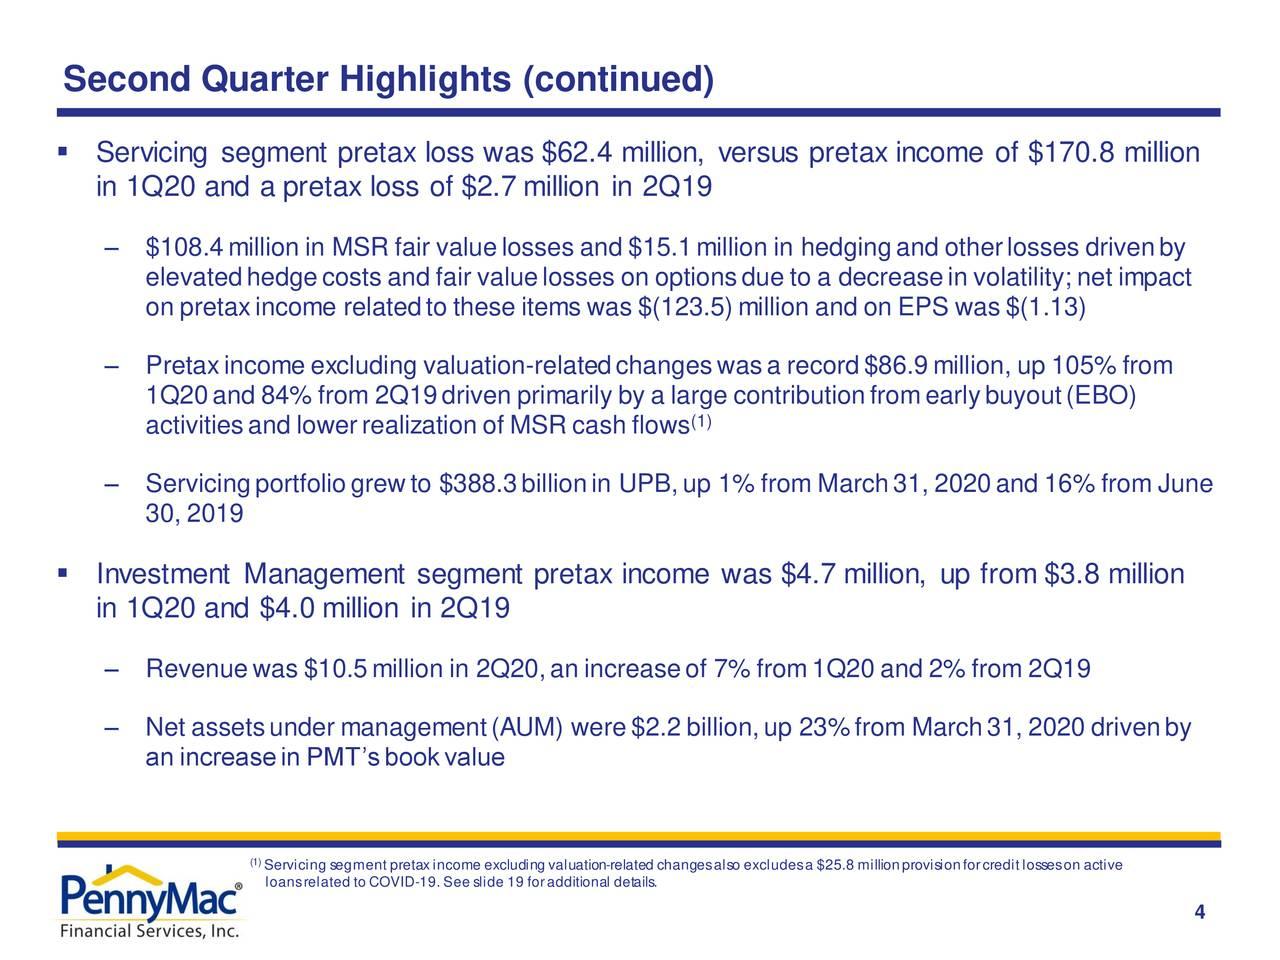 Aspectos destacados del segundo trimestre (continuación)